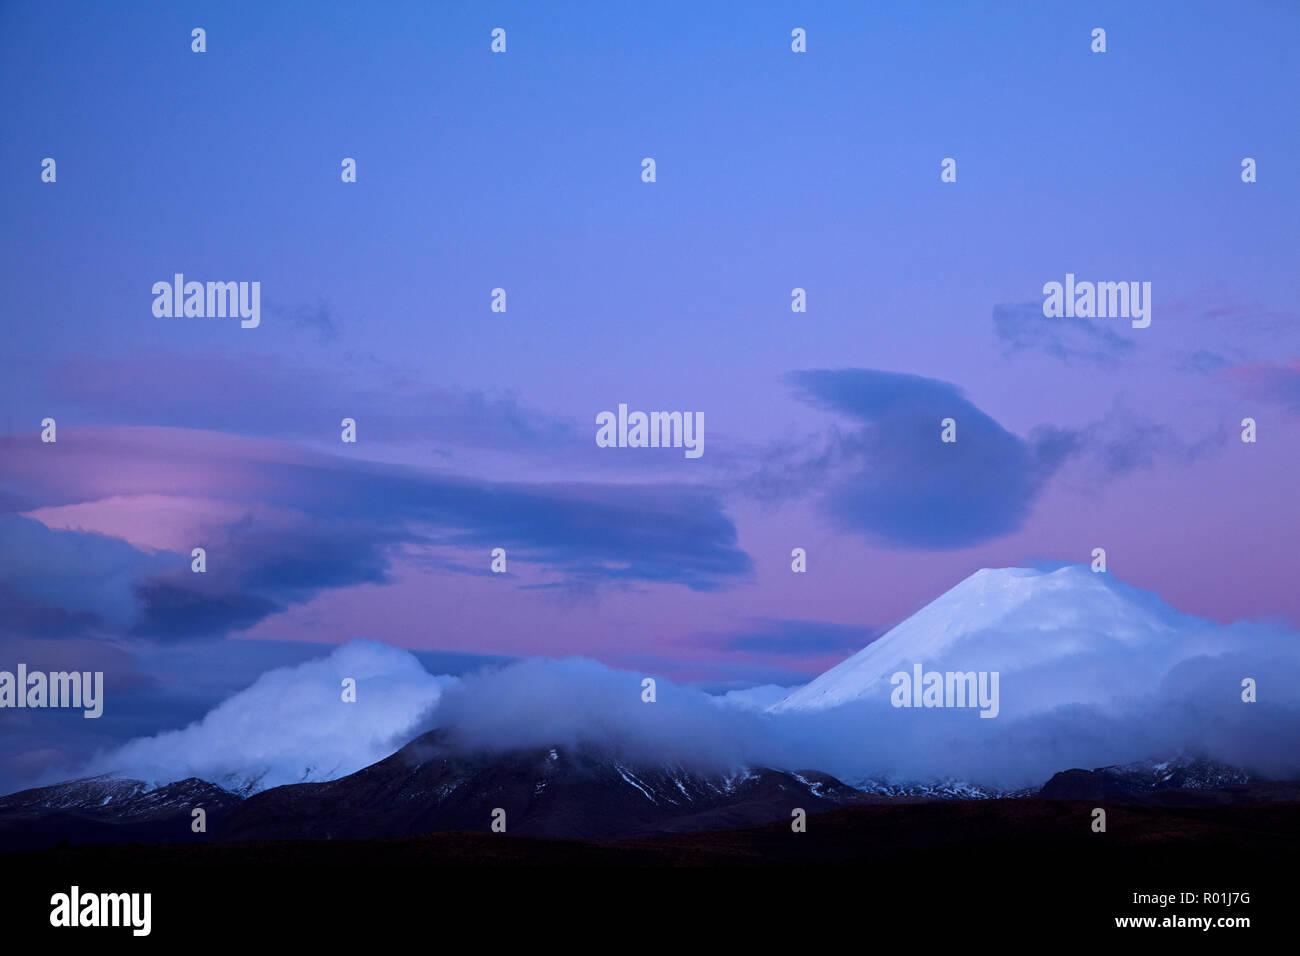 Dusk, Mt Ngauruhoe, Tongariro National Park, Central Plateau, North Island, New Zealand - Stock Image